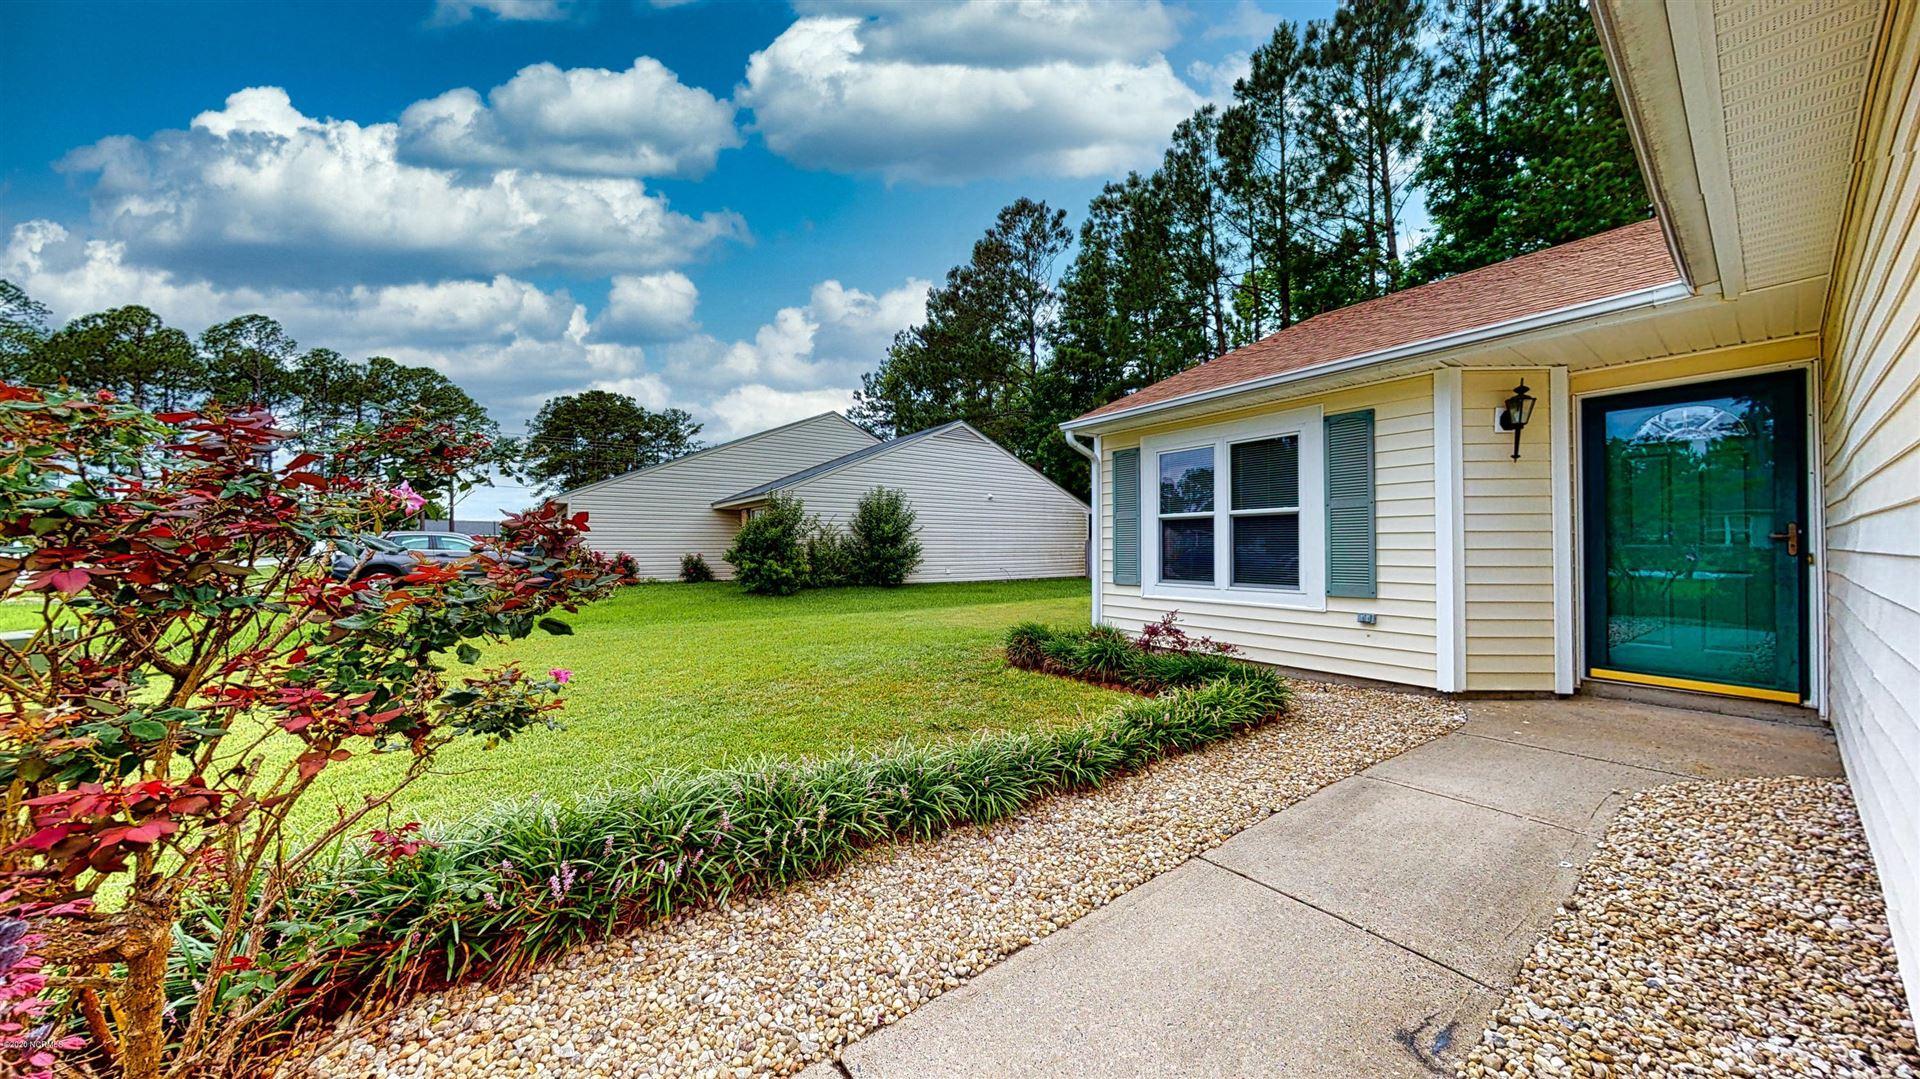 109 Village Court, Havelock, NC 28532 - MLS#: 100222258